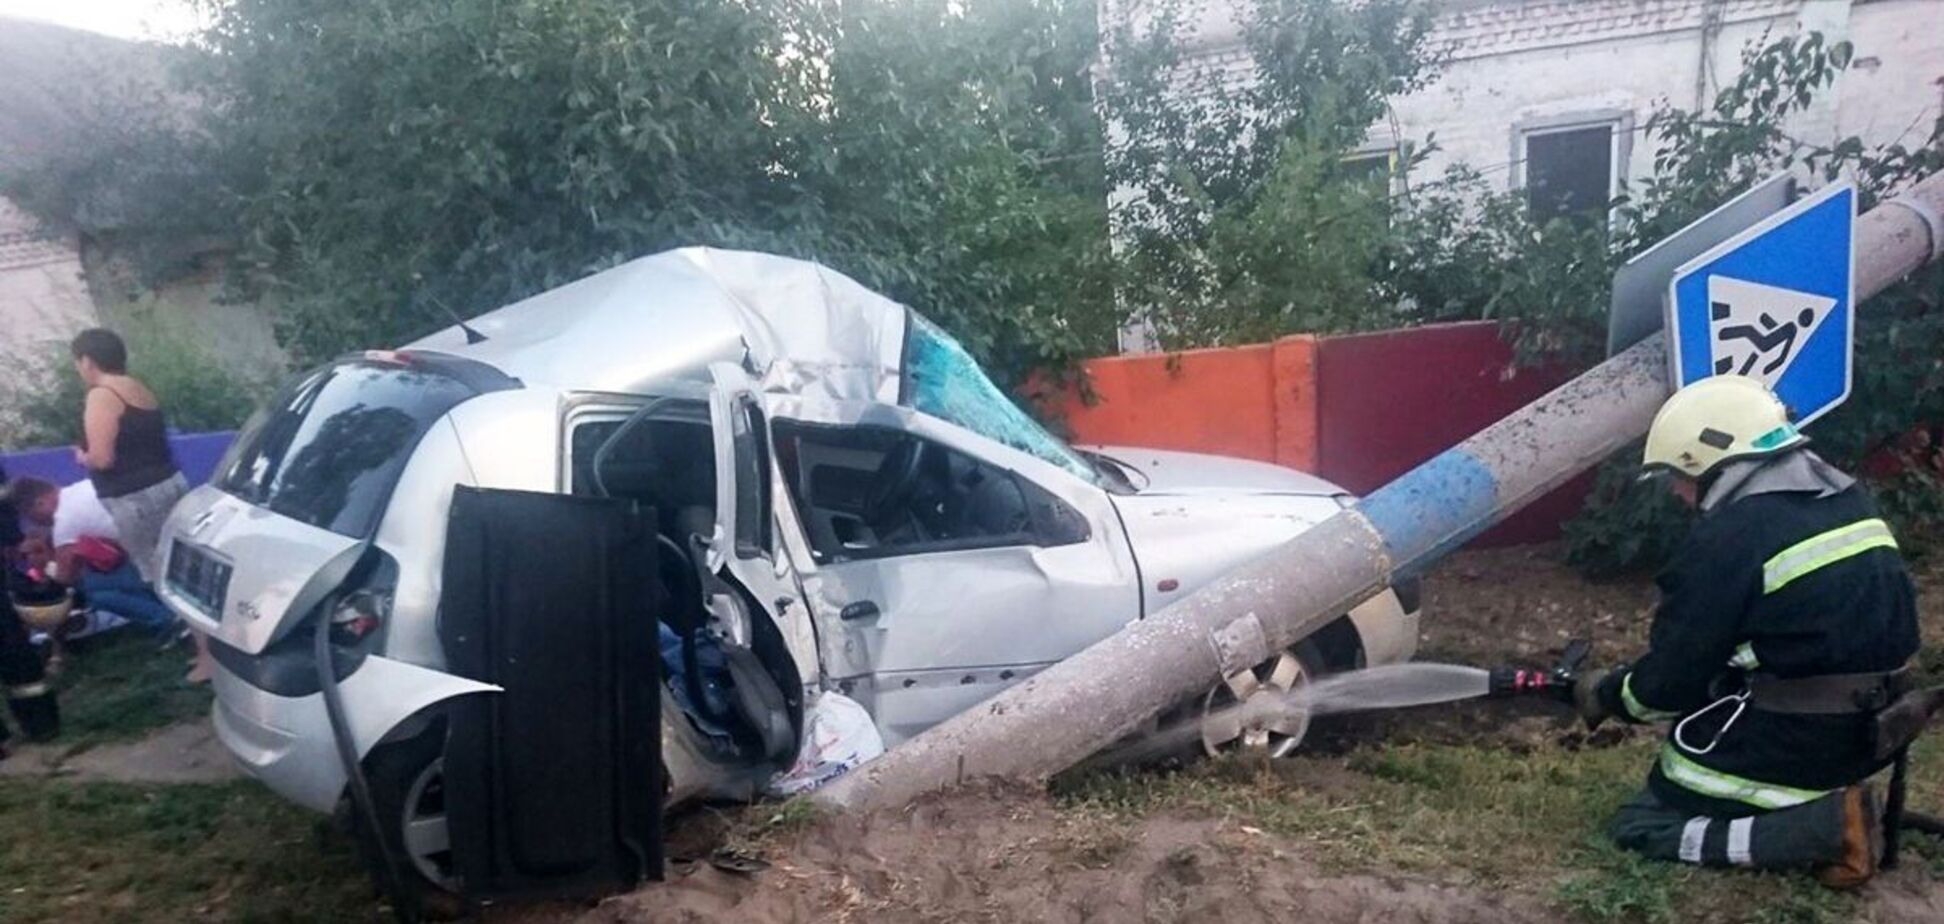 Під Дніпром авто з дітьми влетіло в стовп: одна пасажирка померла в лікарні. Фото